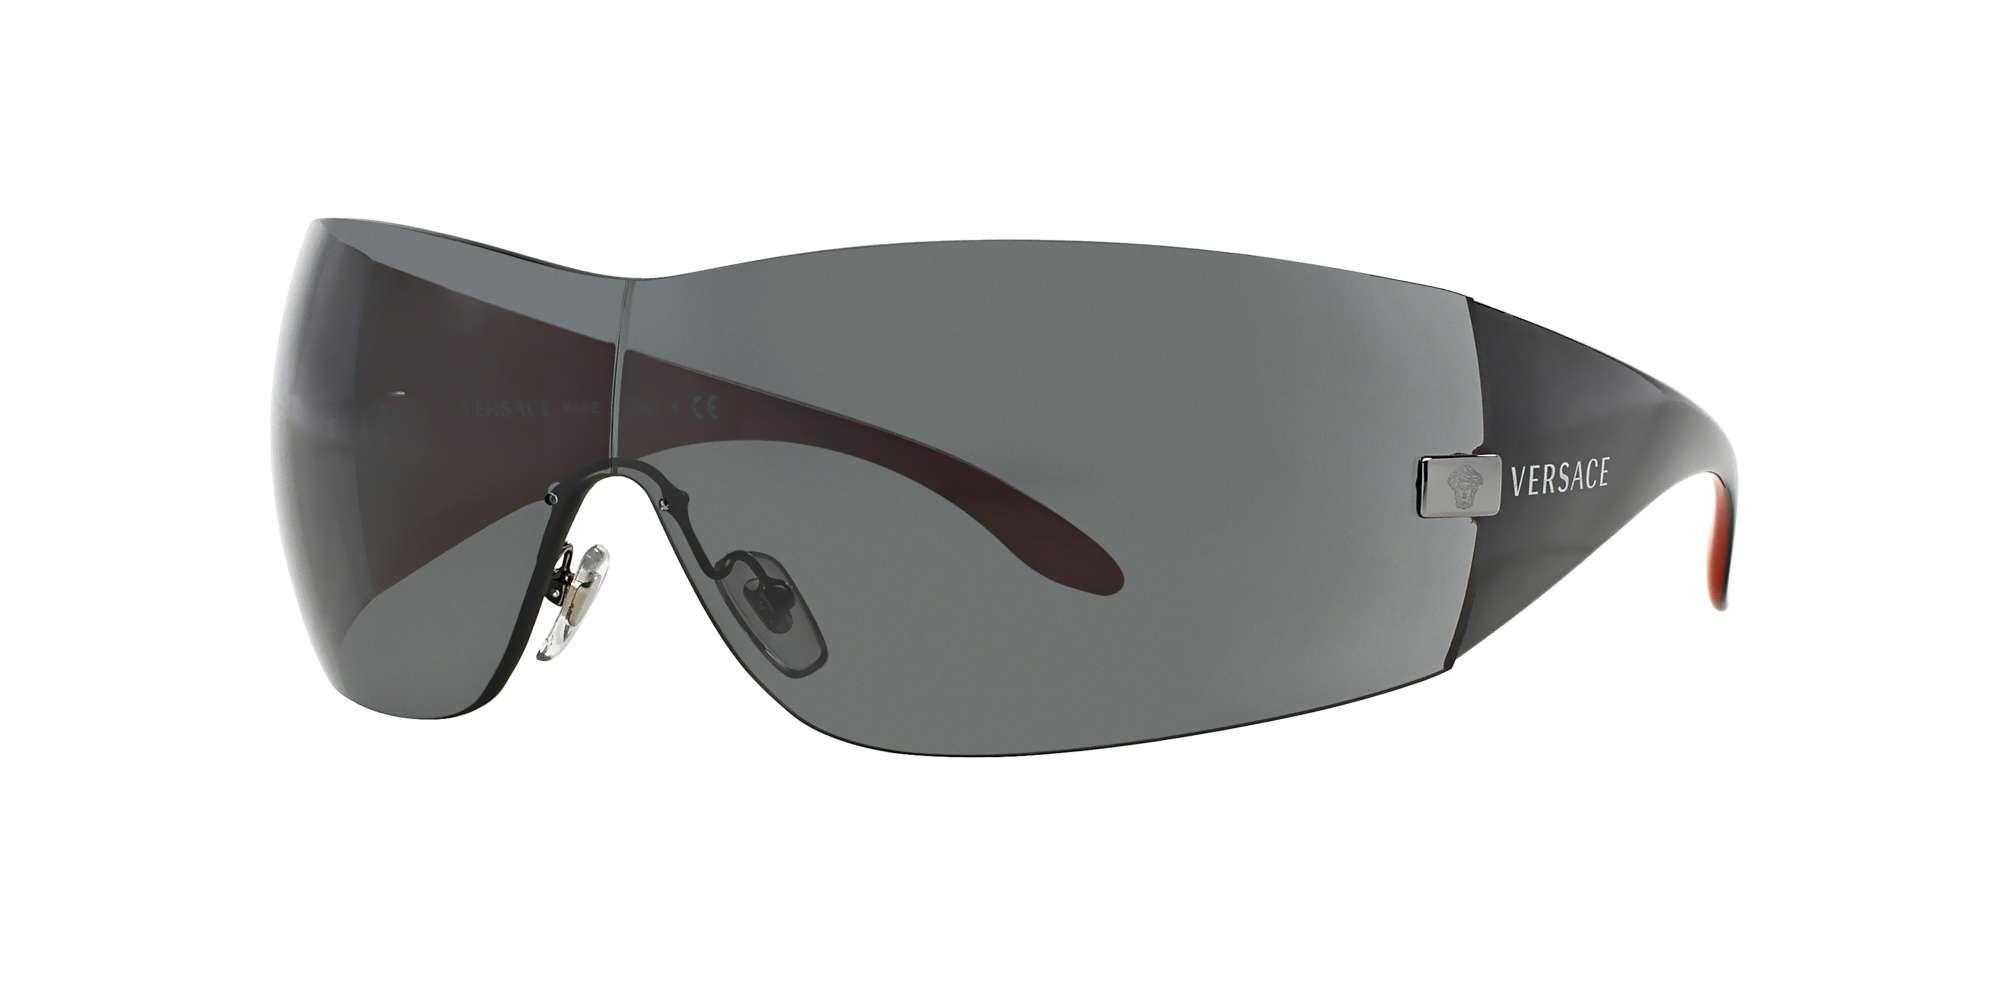 GUNMETAL / GRAY lenses